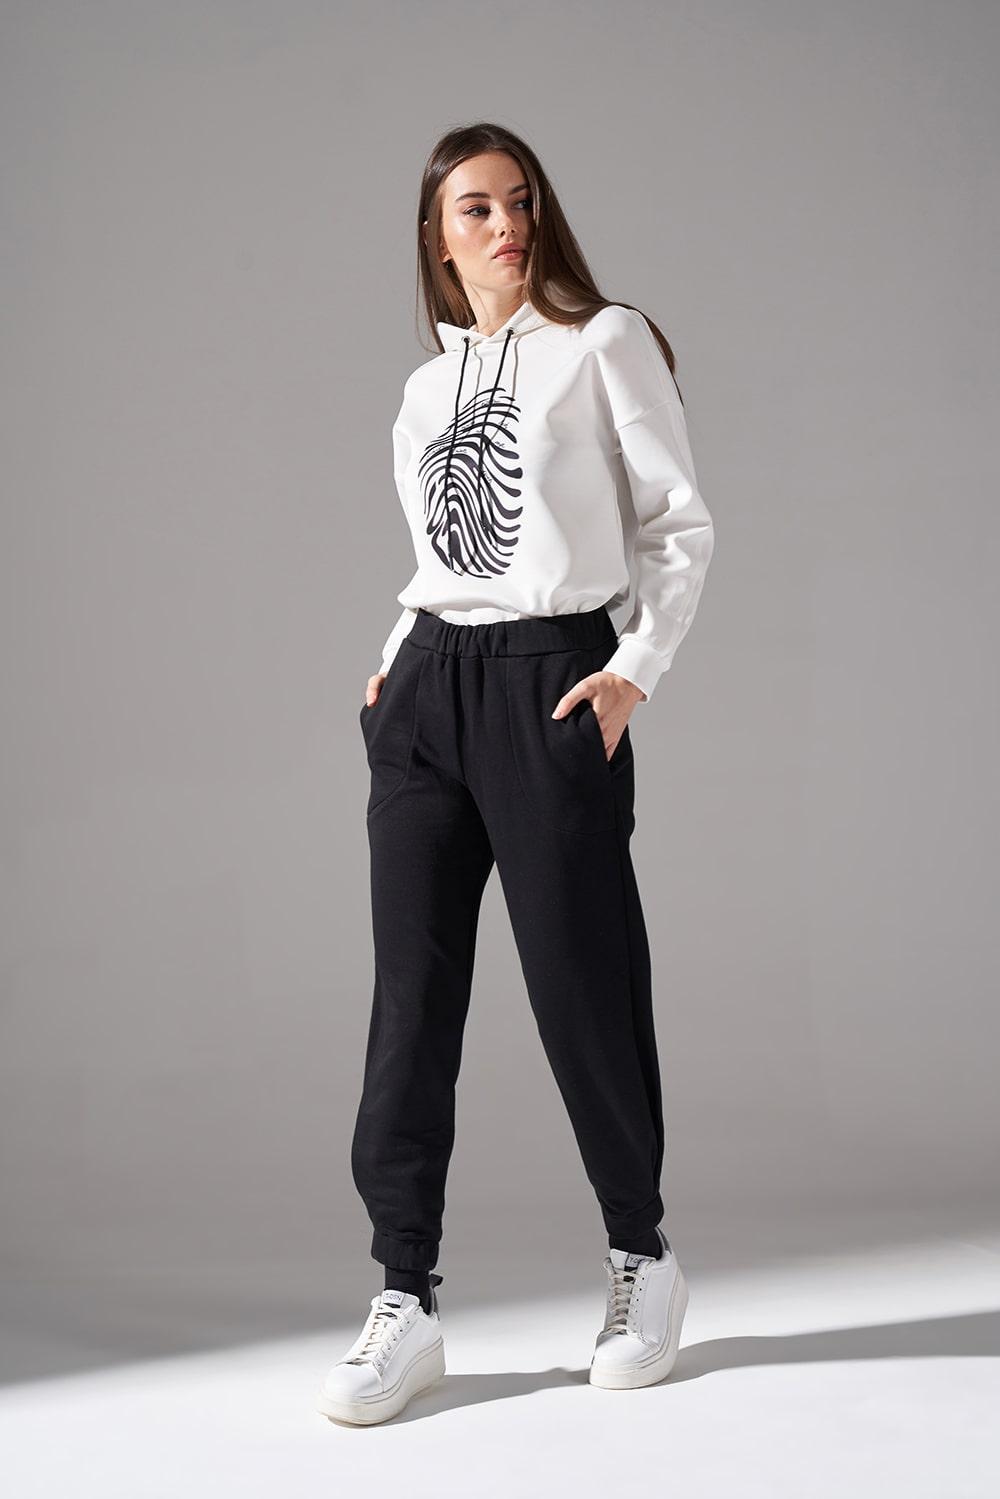 Parçalı Paça Dikişli Pantolon (Siyah)